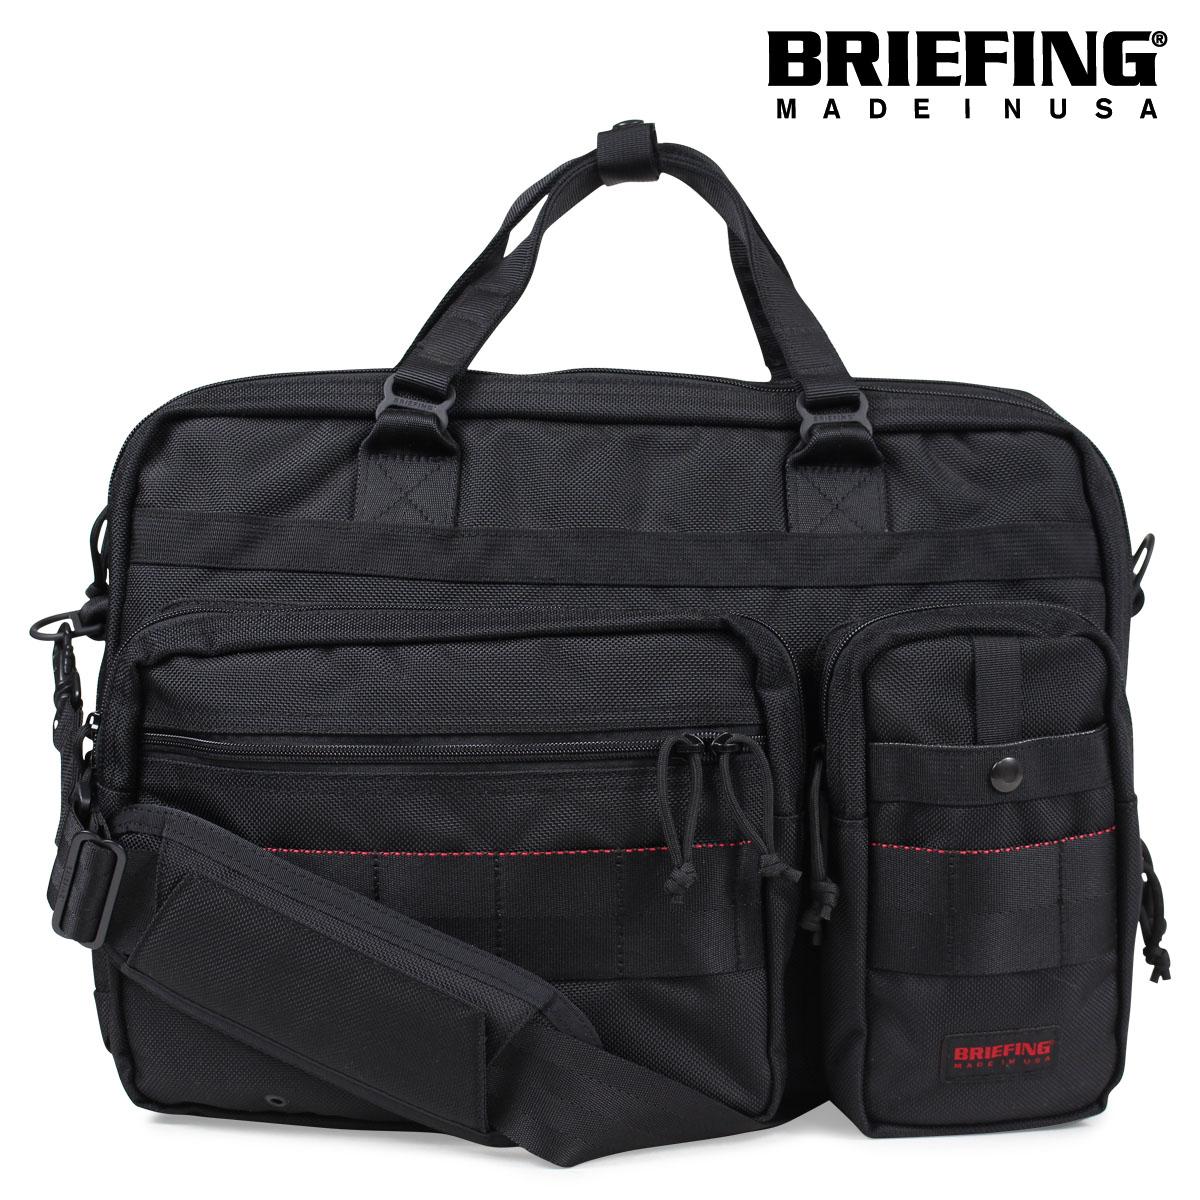 BRIEFING B4 OVER TRIP ブリーフィング バッグ ブリーフケース ビジネスバッグ メンズ ブラック BRF117219